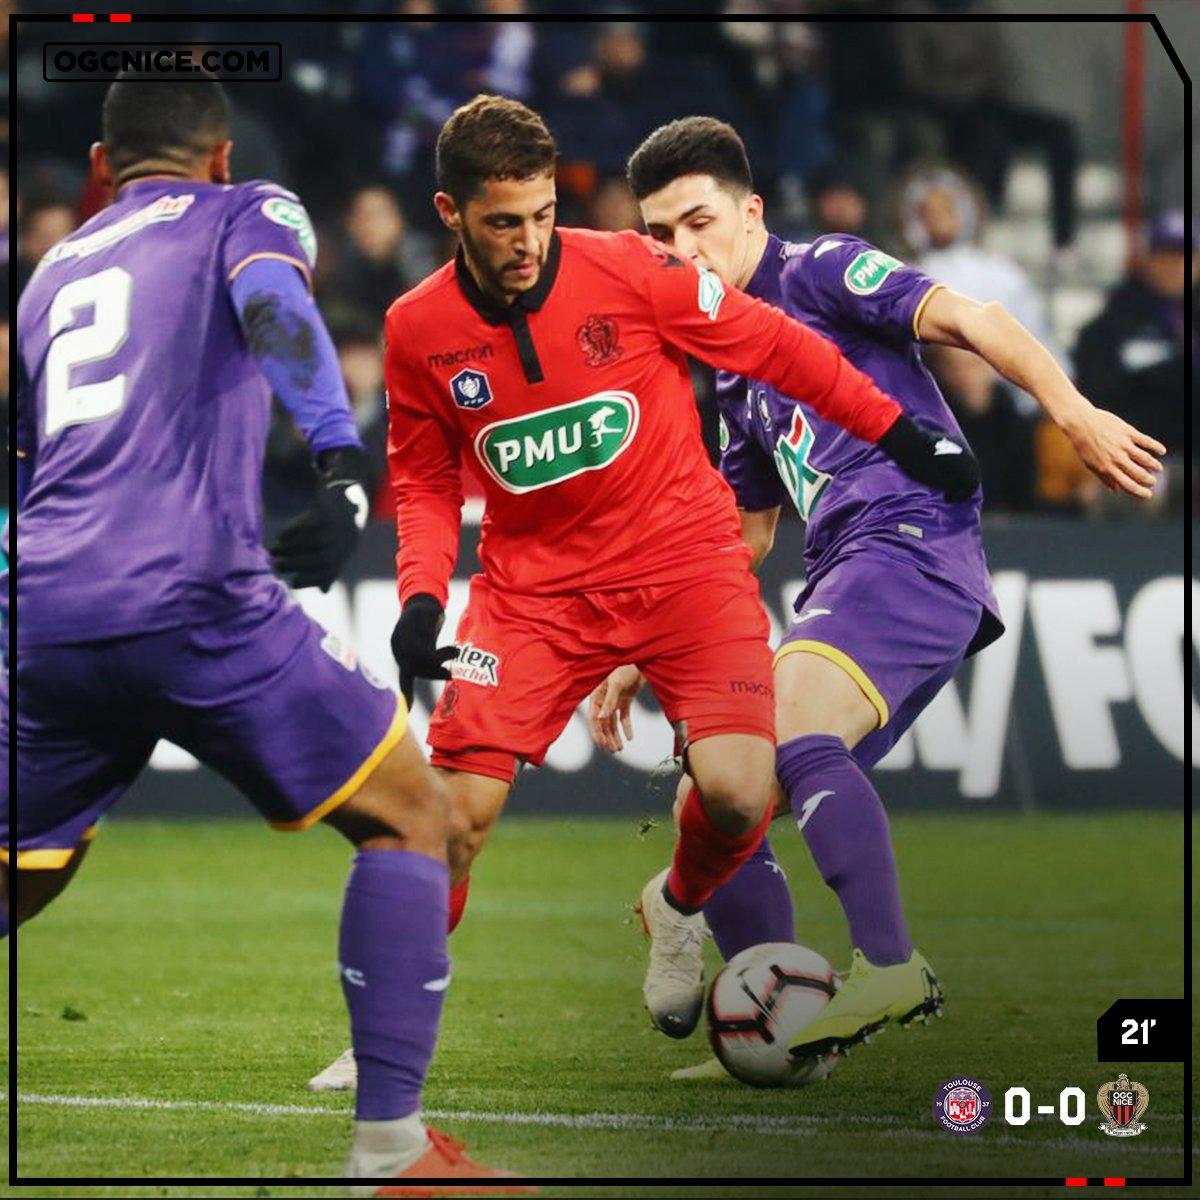 COUPE DE FRANCE 2018-2019 - Page 2 DwPfq6zW0AIVJIz